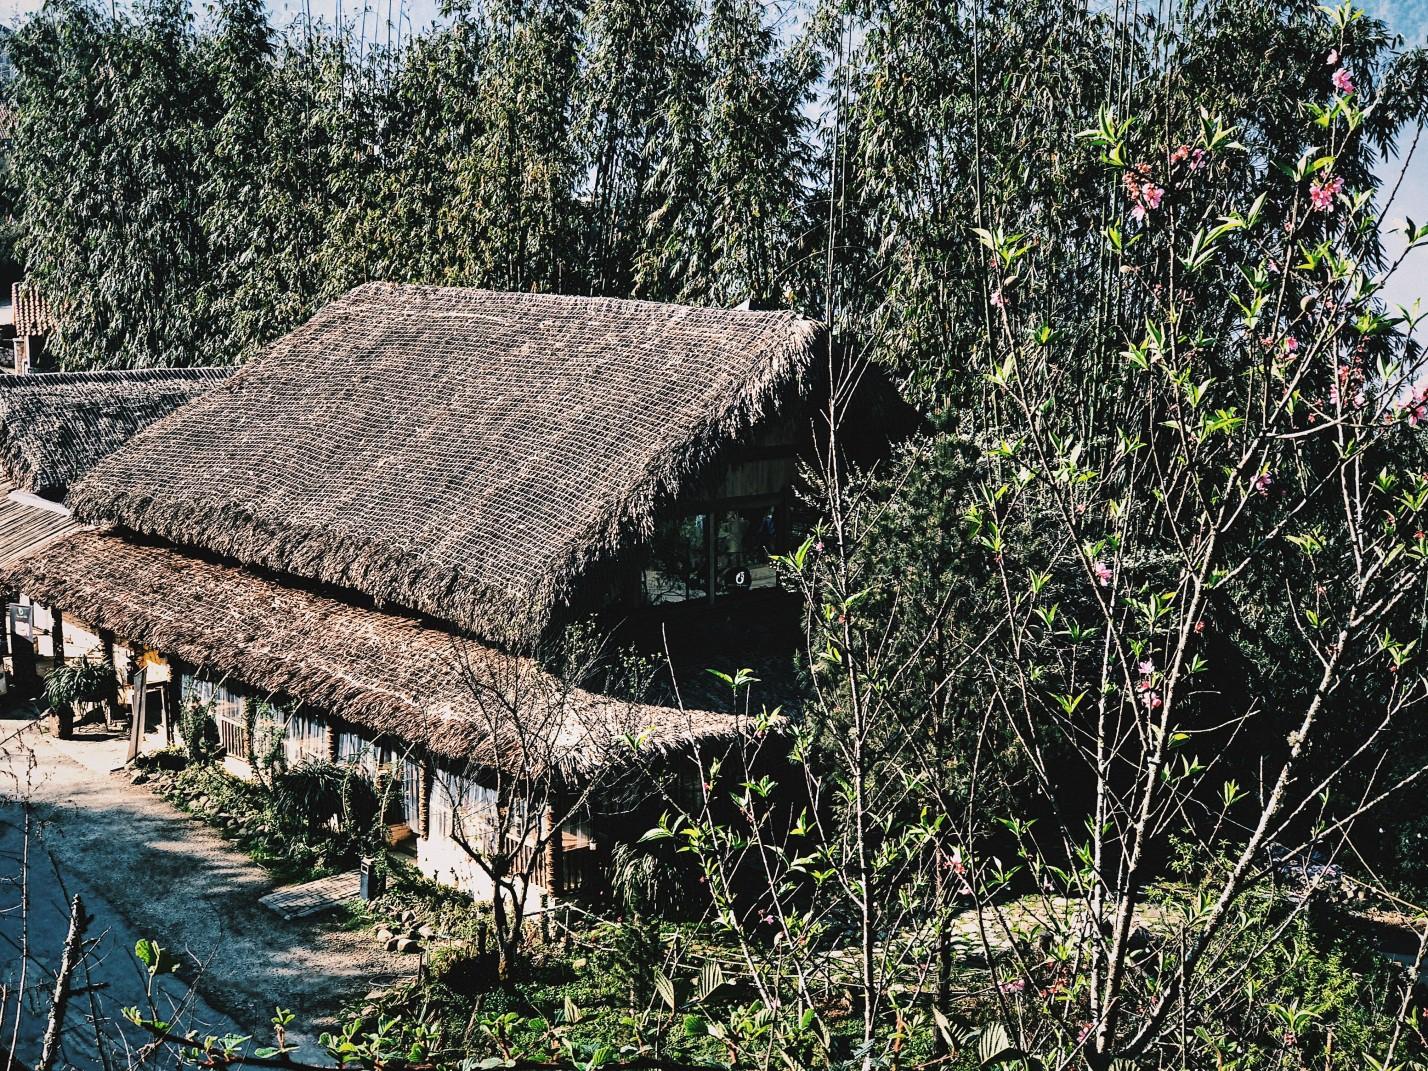 Có một Sapa vẫn đẹp, vẫn tĩnh lặng ở Sapa Jade Hill - Khu biệt thự nhìn ra thung lũng Mường Hoa - Ảnh 3.